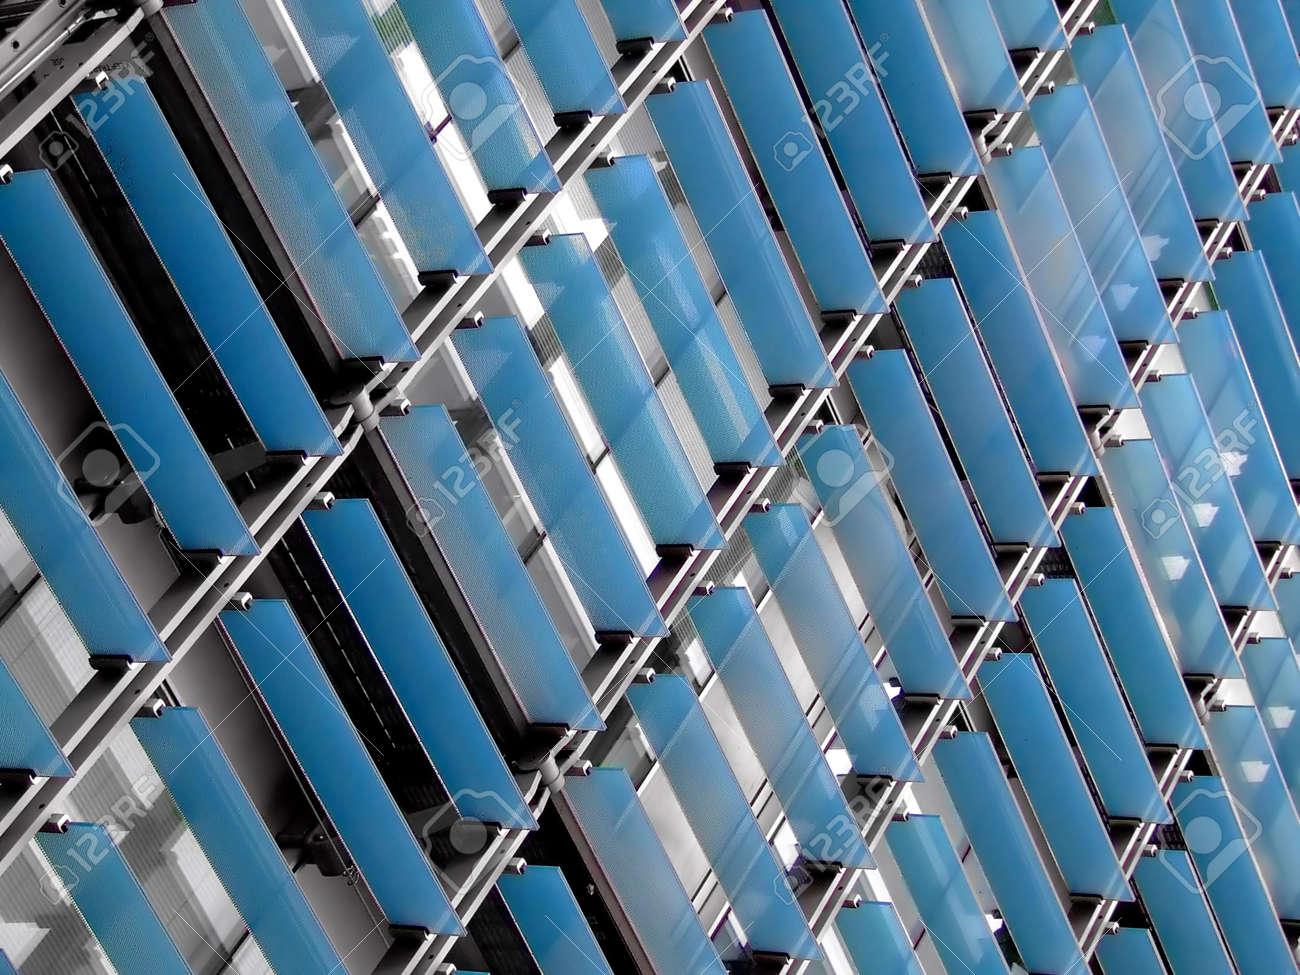 Glasfassade textur  Blue Glasfassade Gebäude Textur Lizenzfreie Fotos, Bilder Und ...